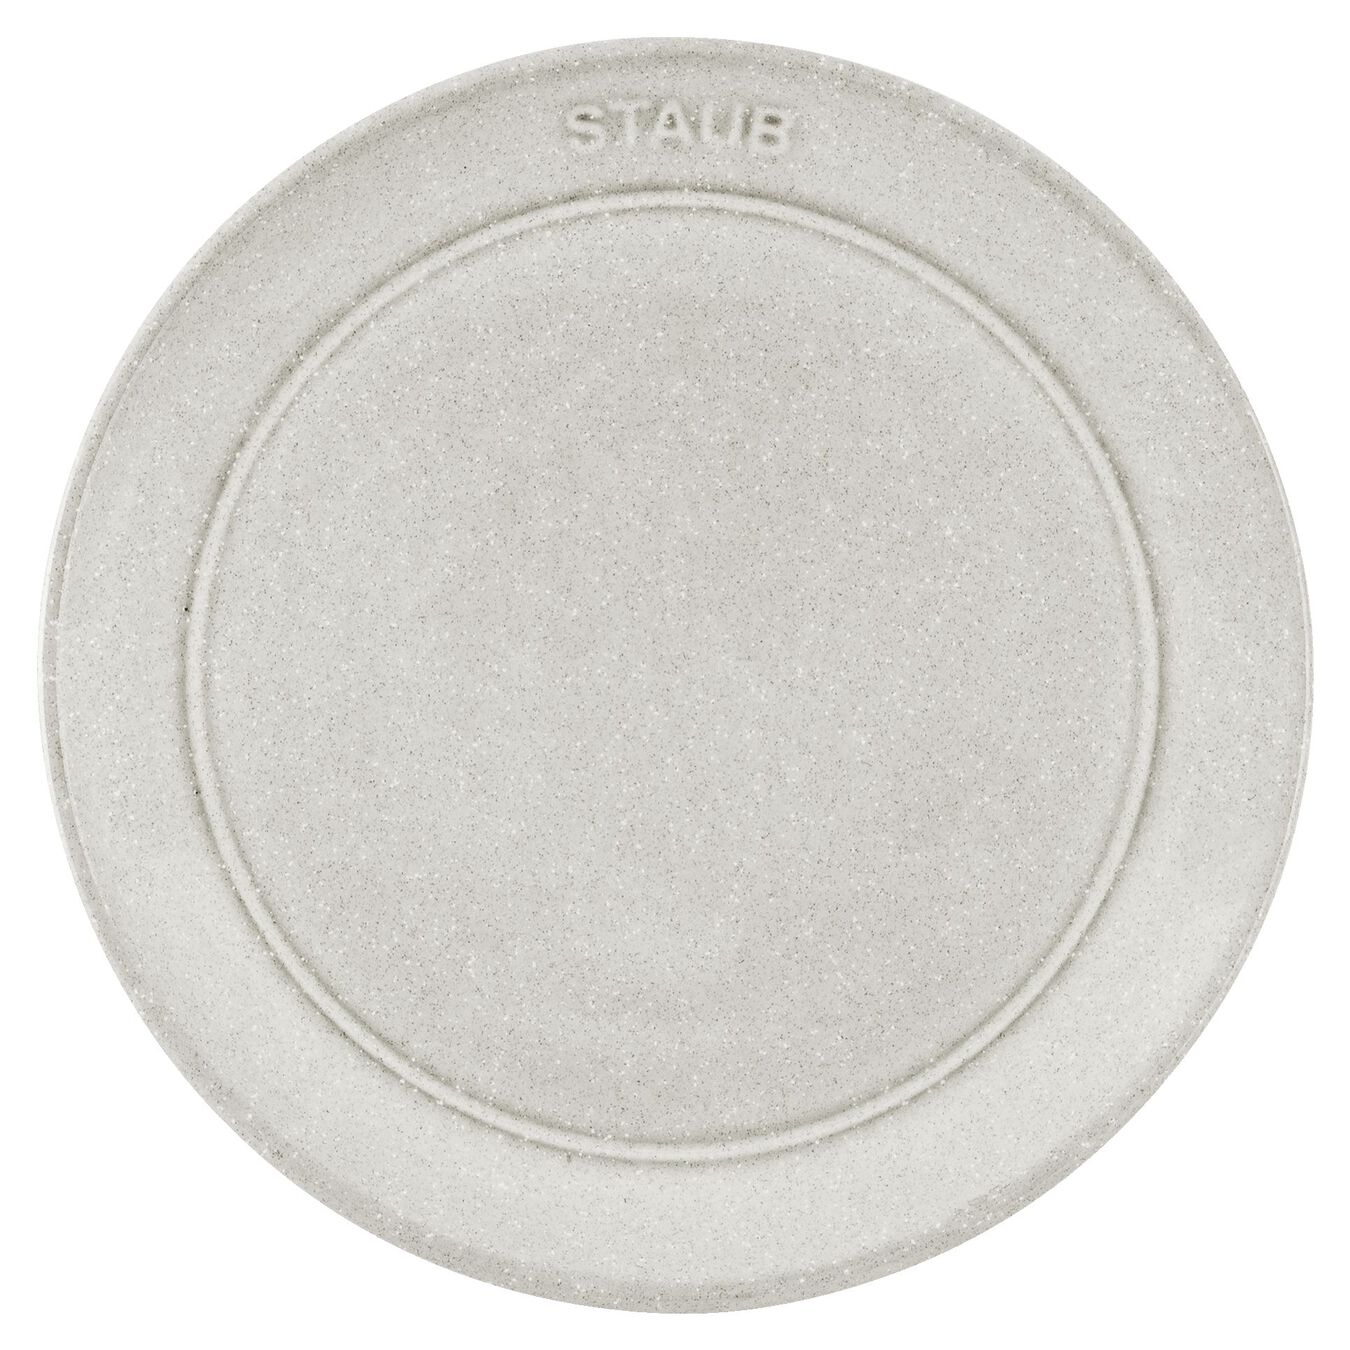 Piatto piano rotondo - 15 cm, tartufo bianco,,large 2